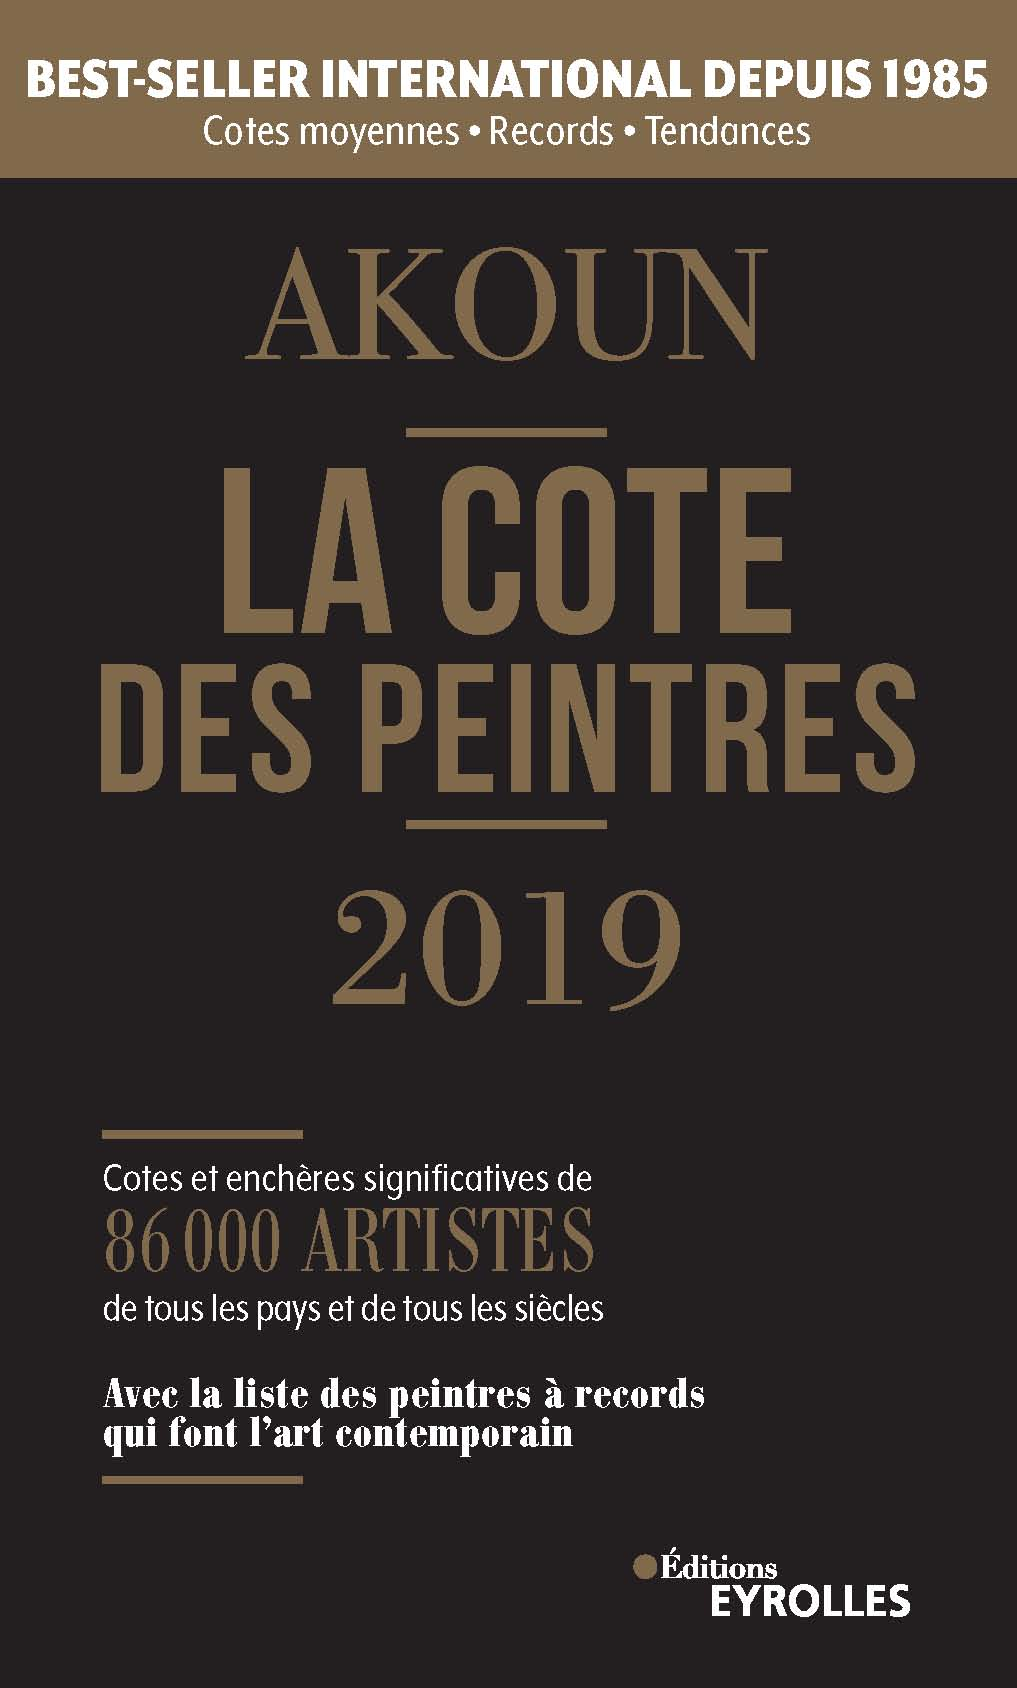 La Cote des peintres 2019